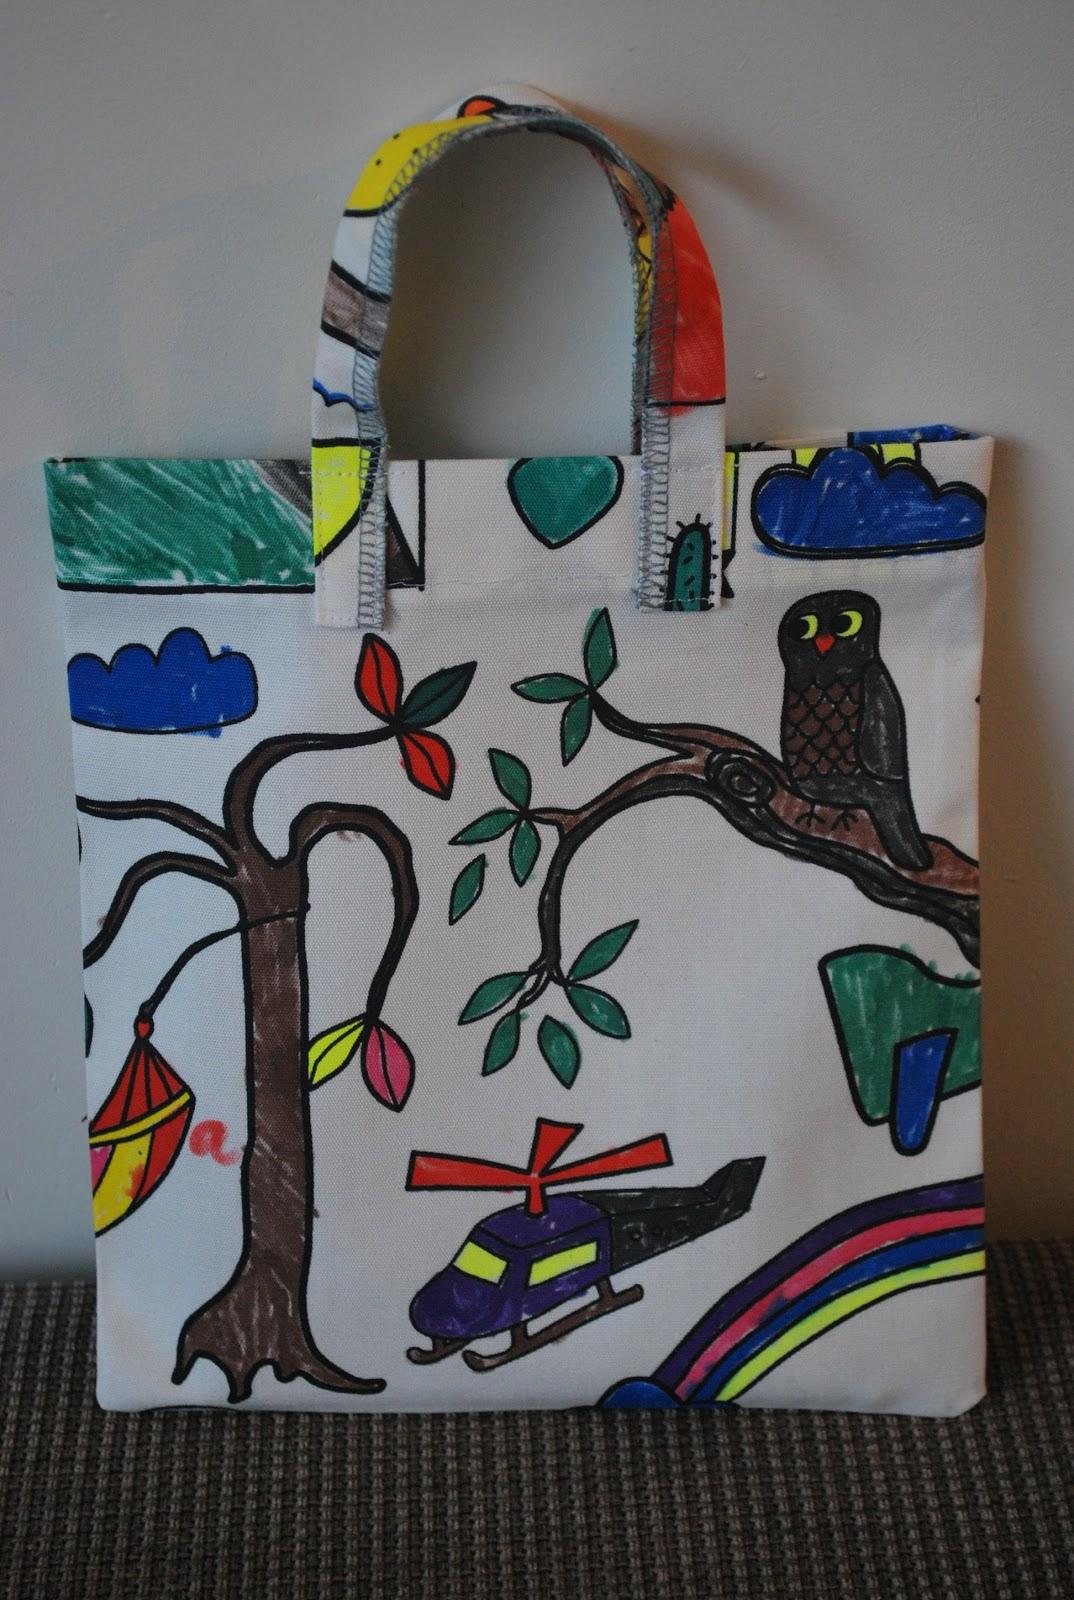 nellekus kleurplaat tas